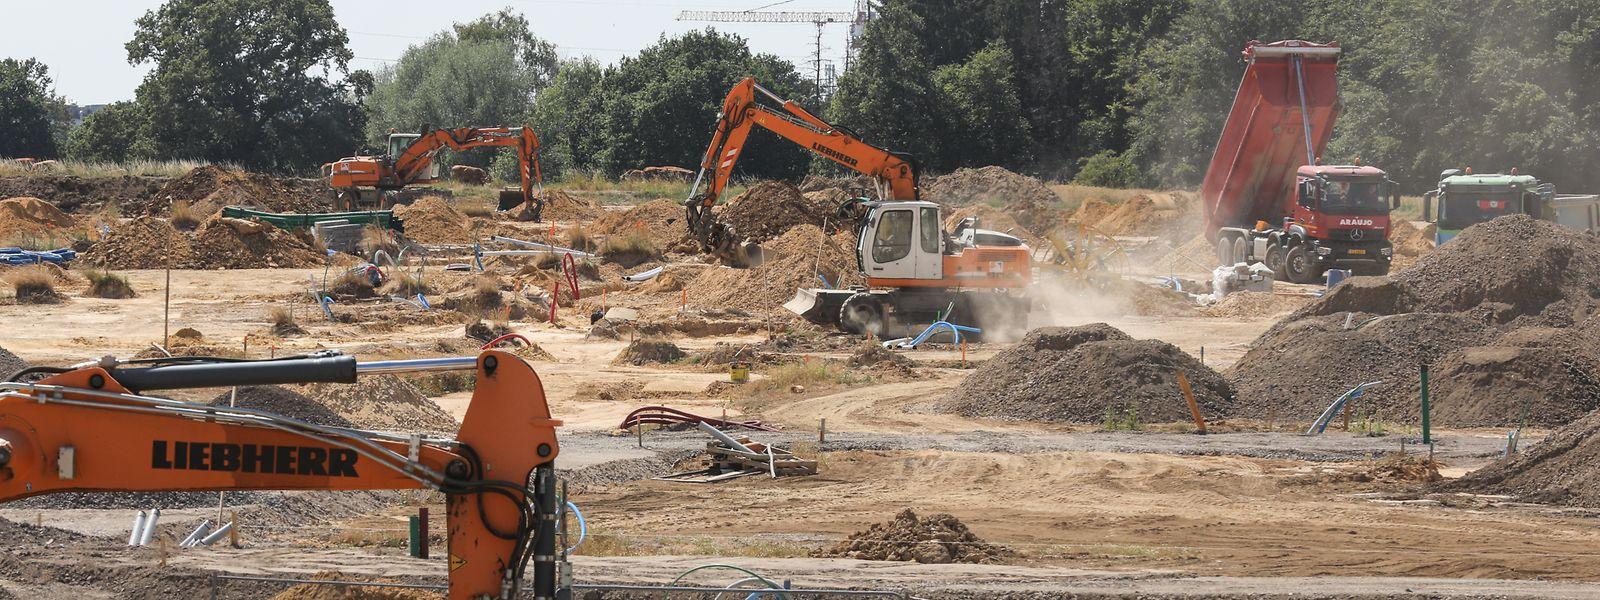 Das Projekt Elmen in der Gemeinde Kehlen: Die SNHBM baut hier in den kommenden Jahren 800 Wohneinheiten.